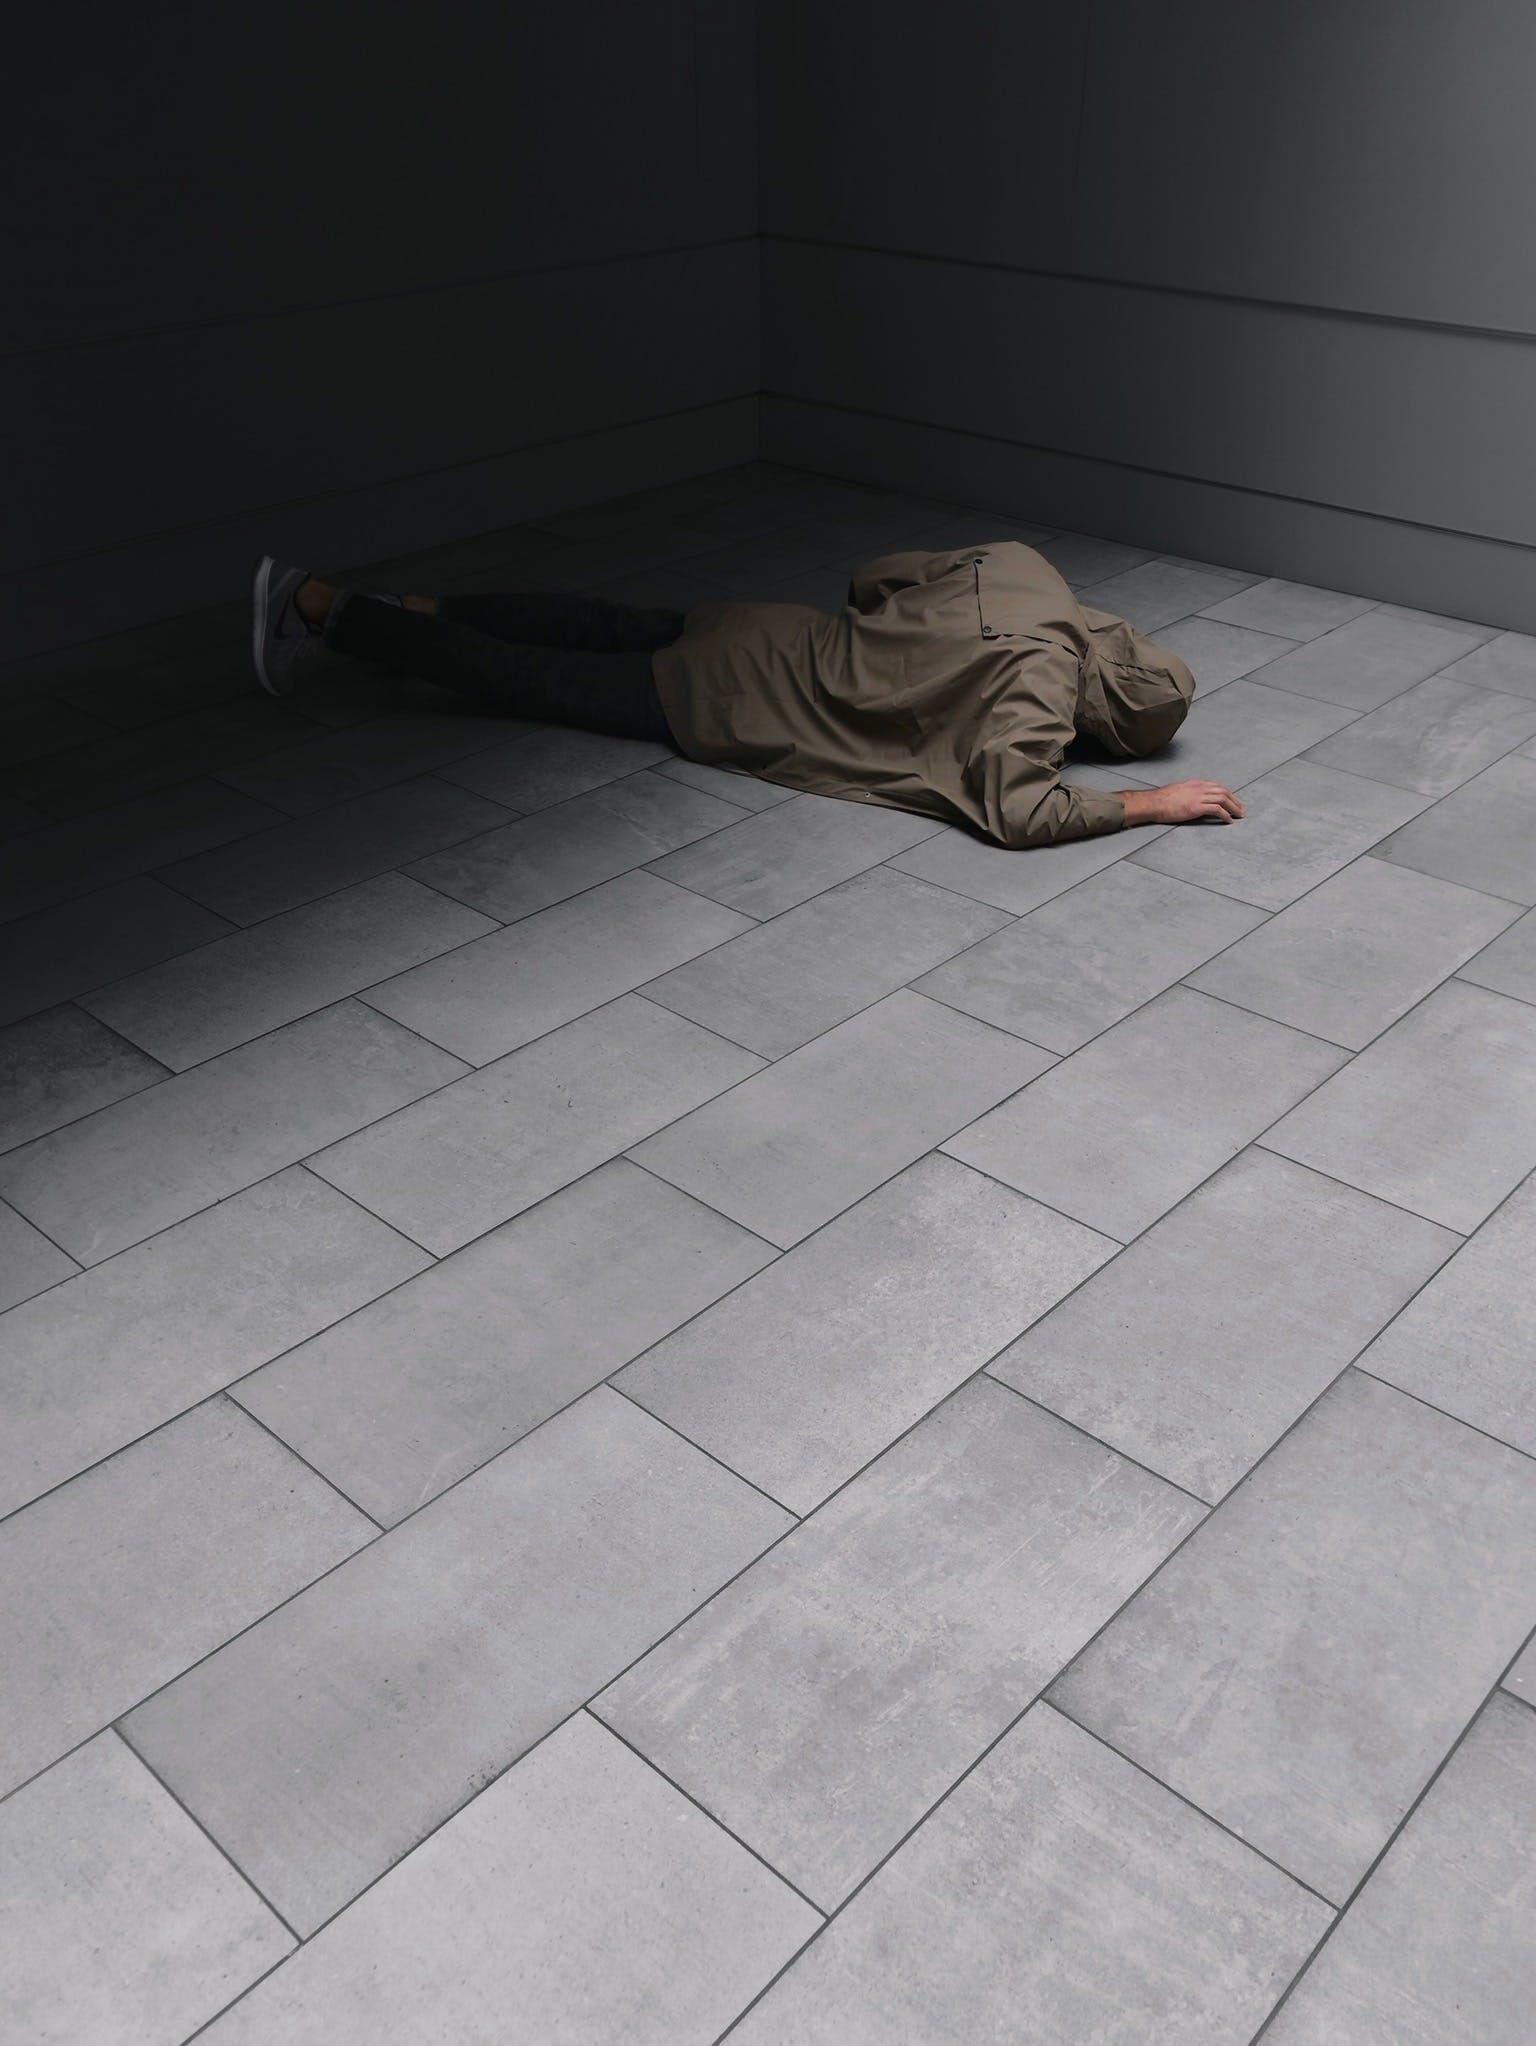 Free stock photo of dark, floor, man, mobilechallenge